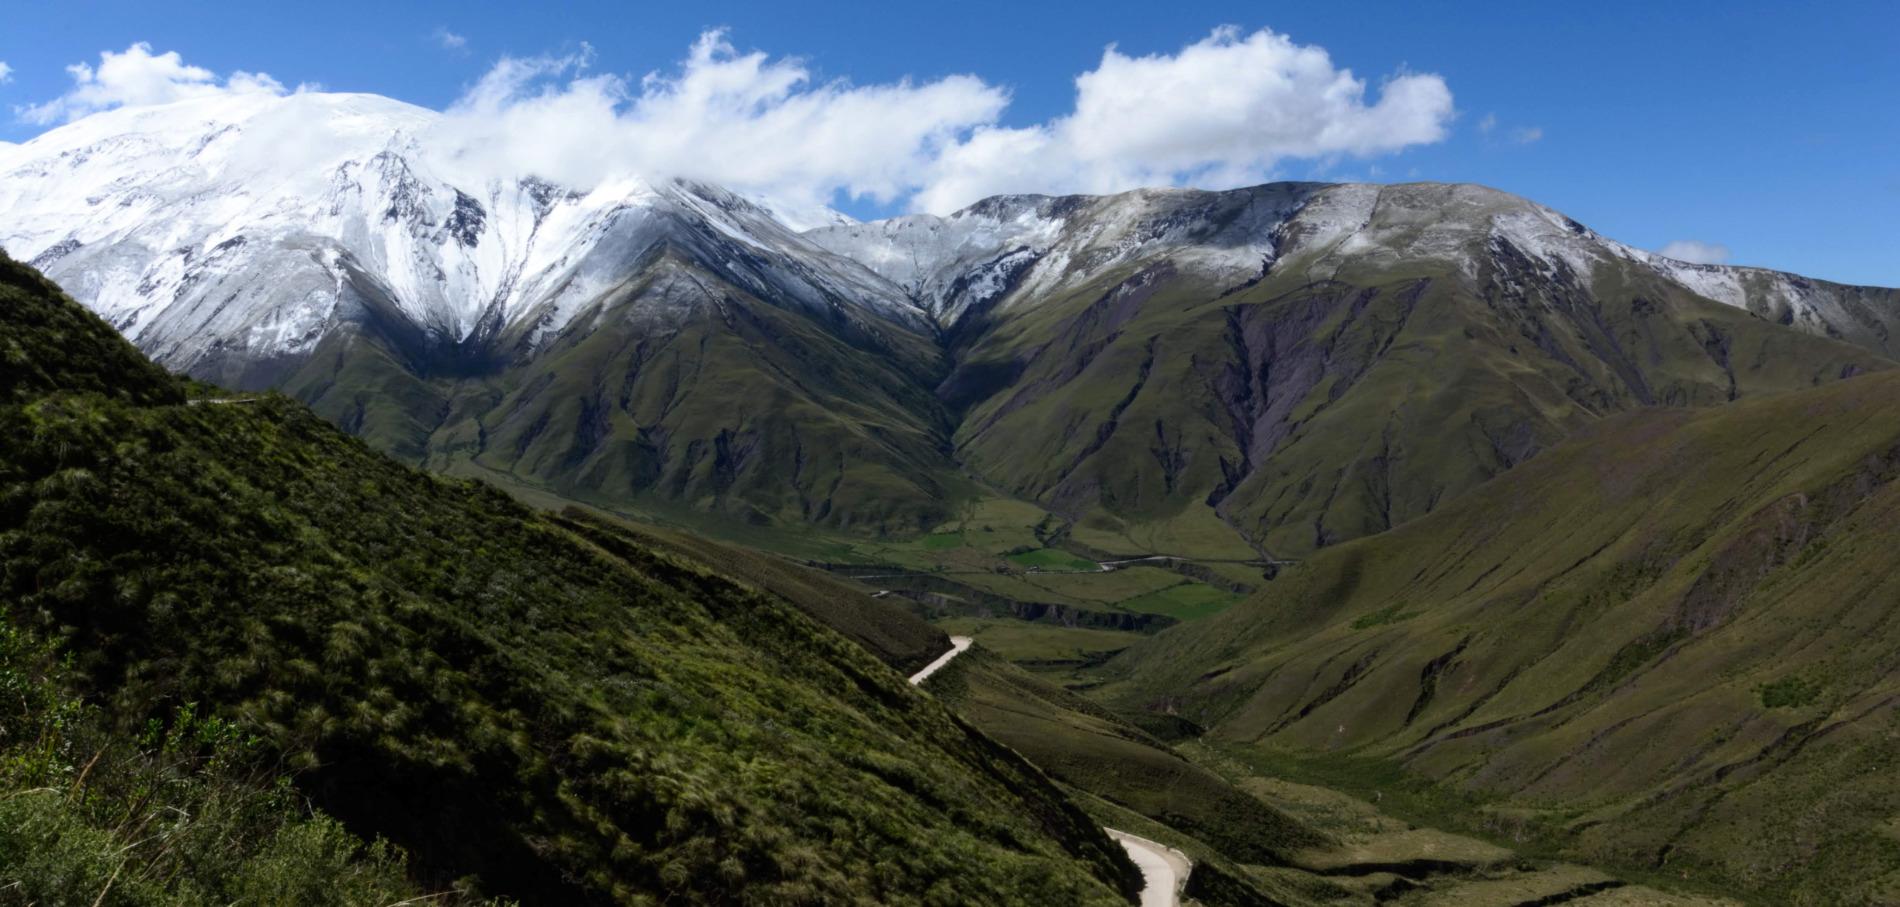 Cuesta del Obispo, Province de Salta, Argentine